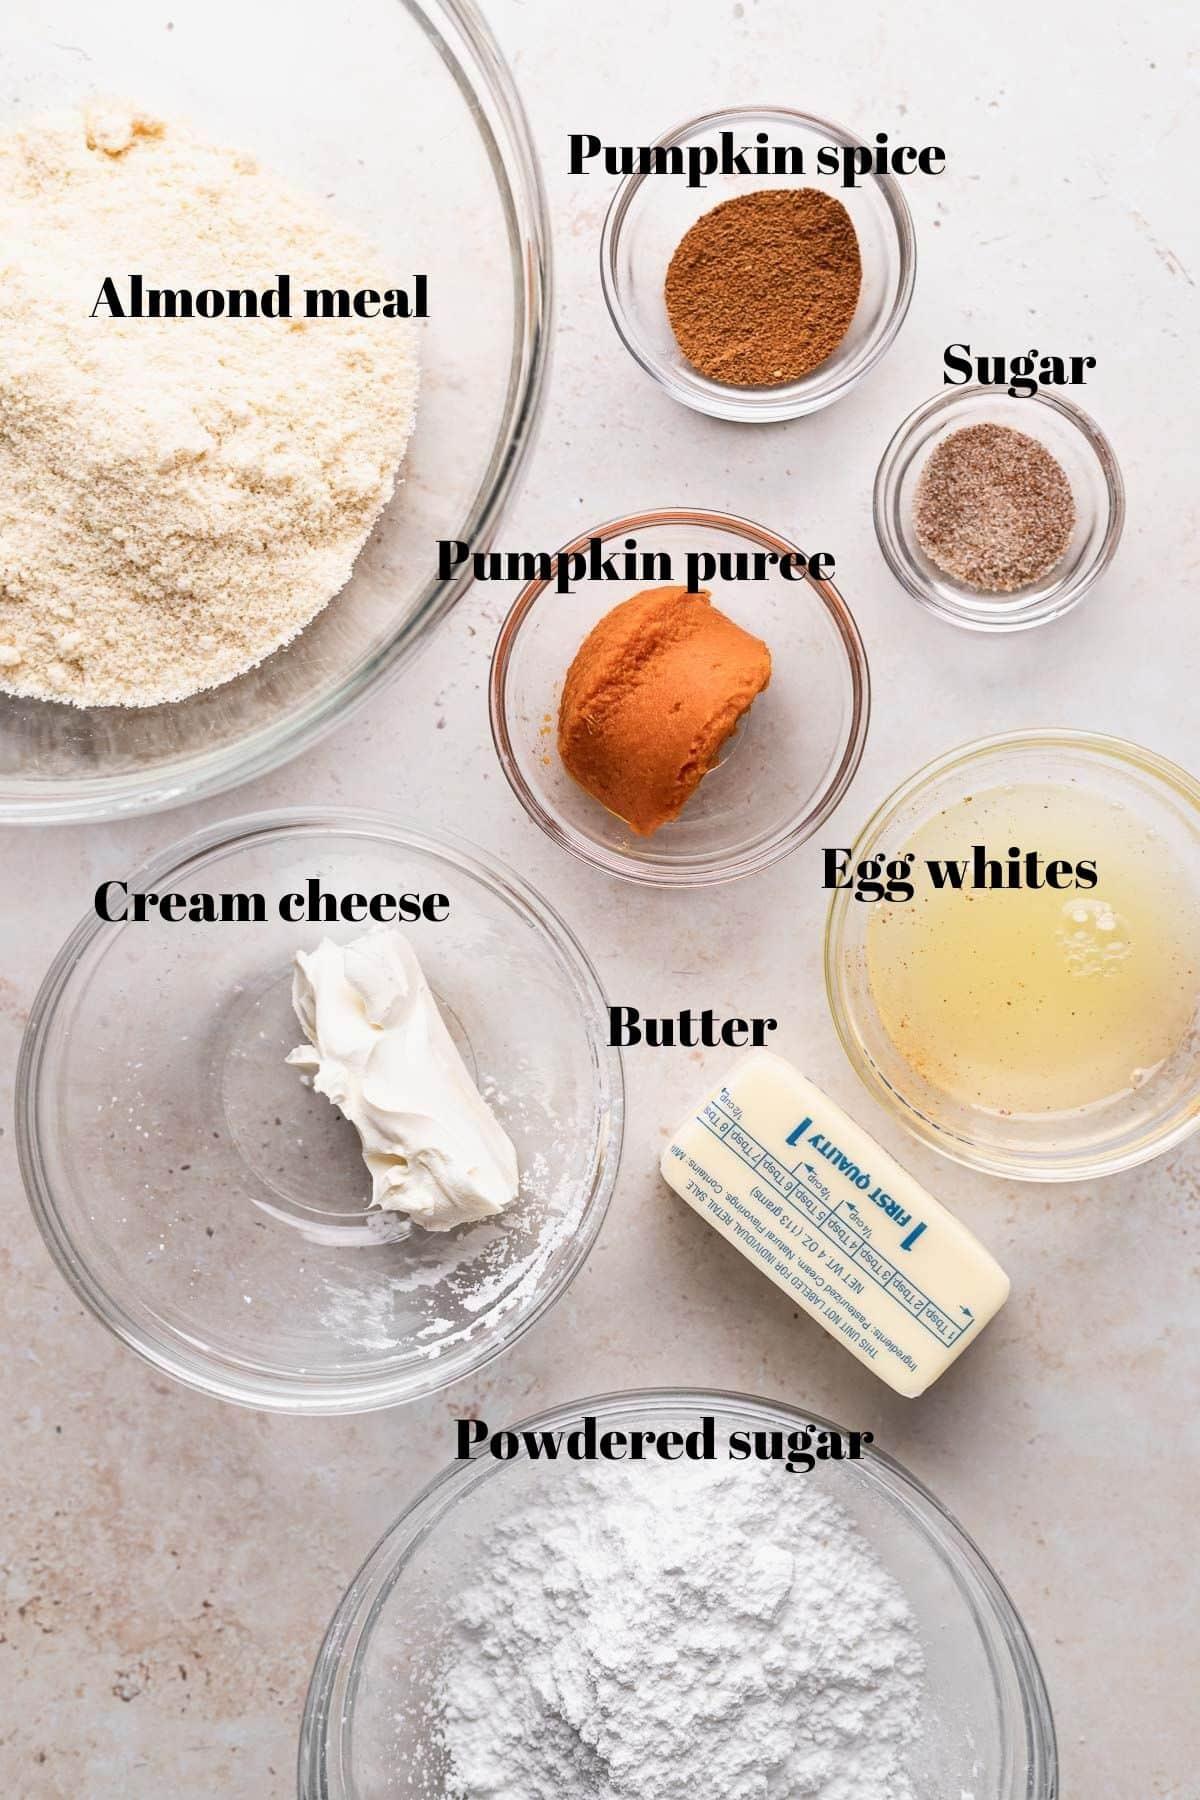 pumpkin macaron ingredients needed.